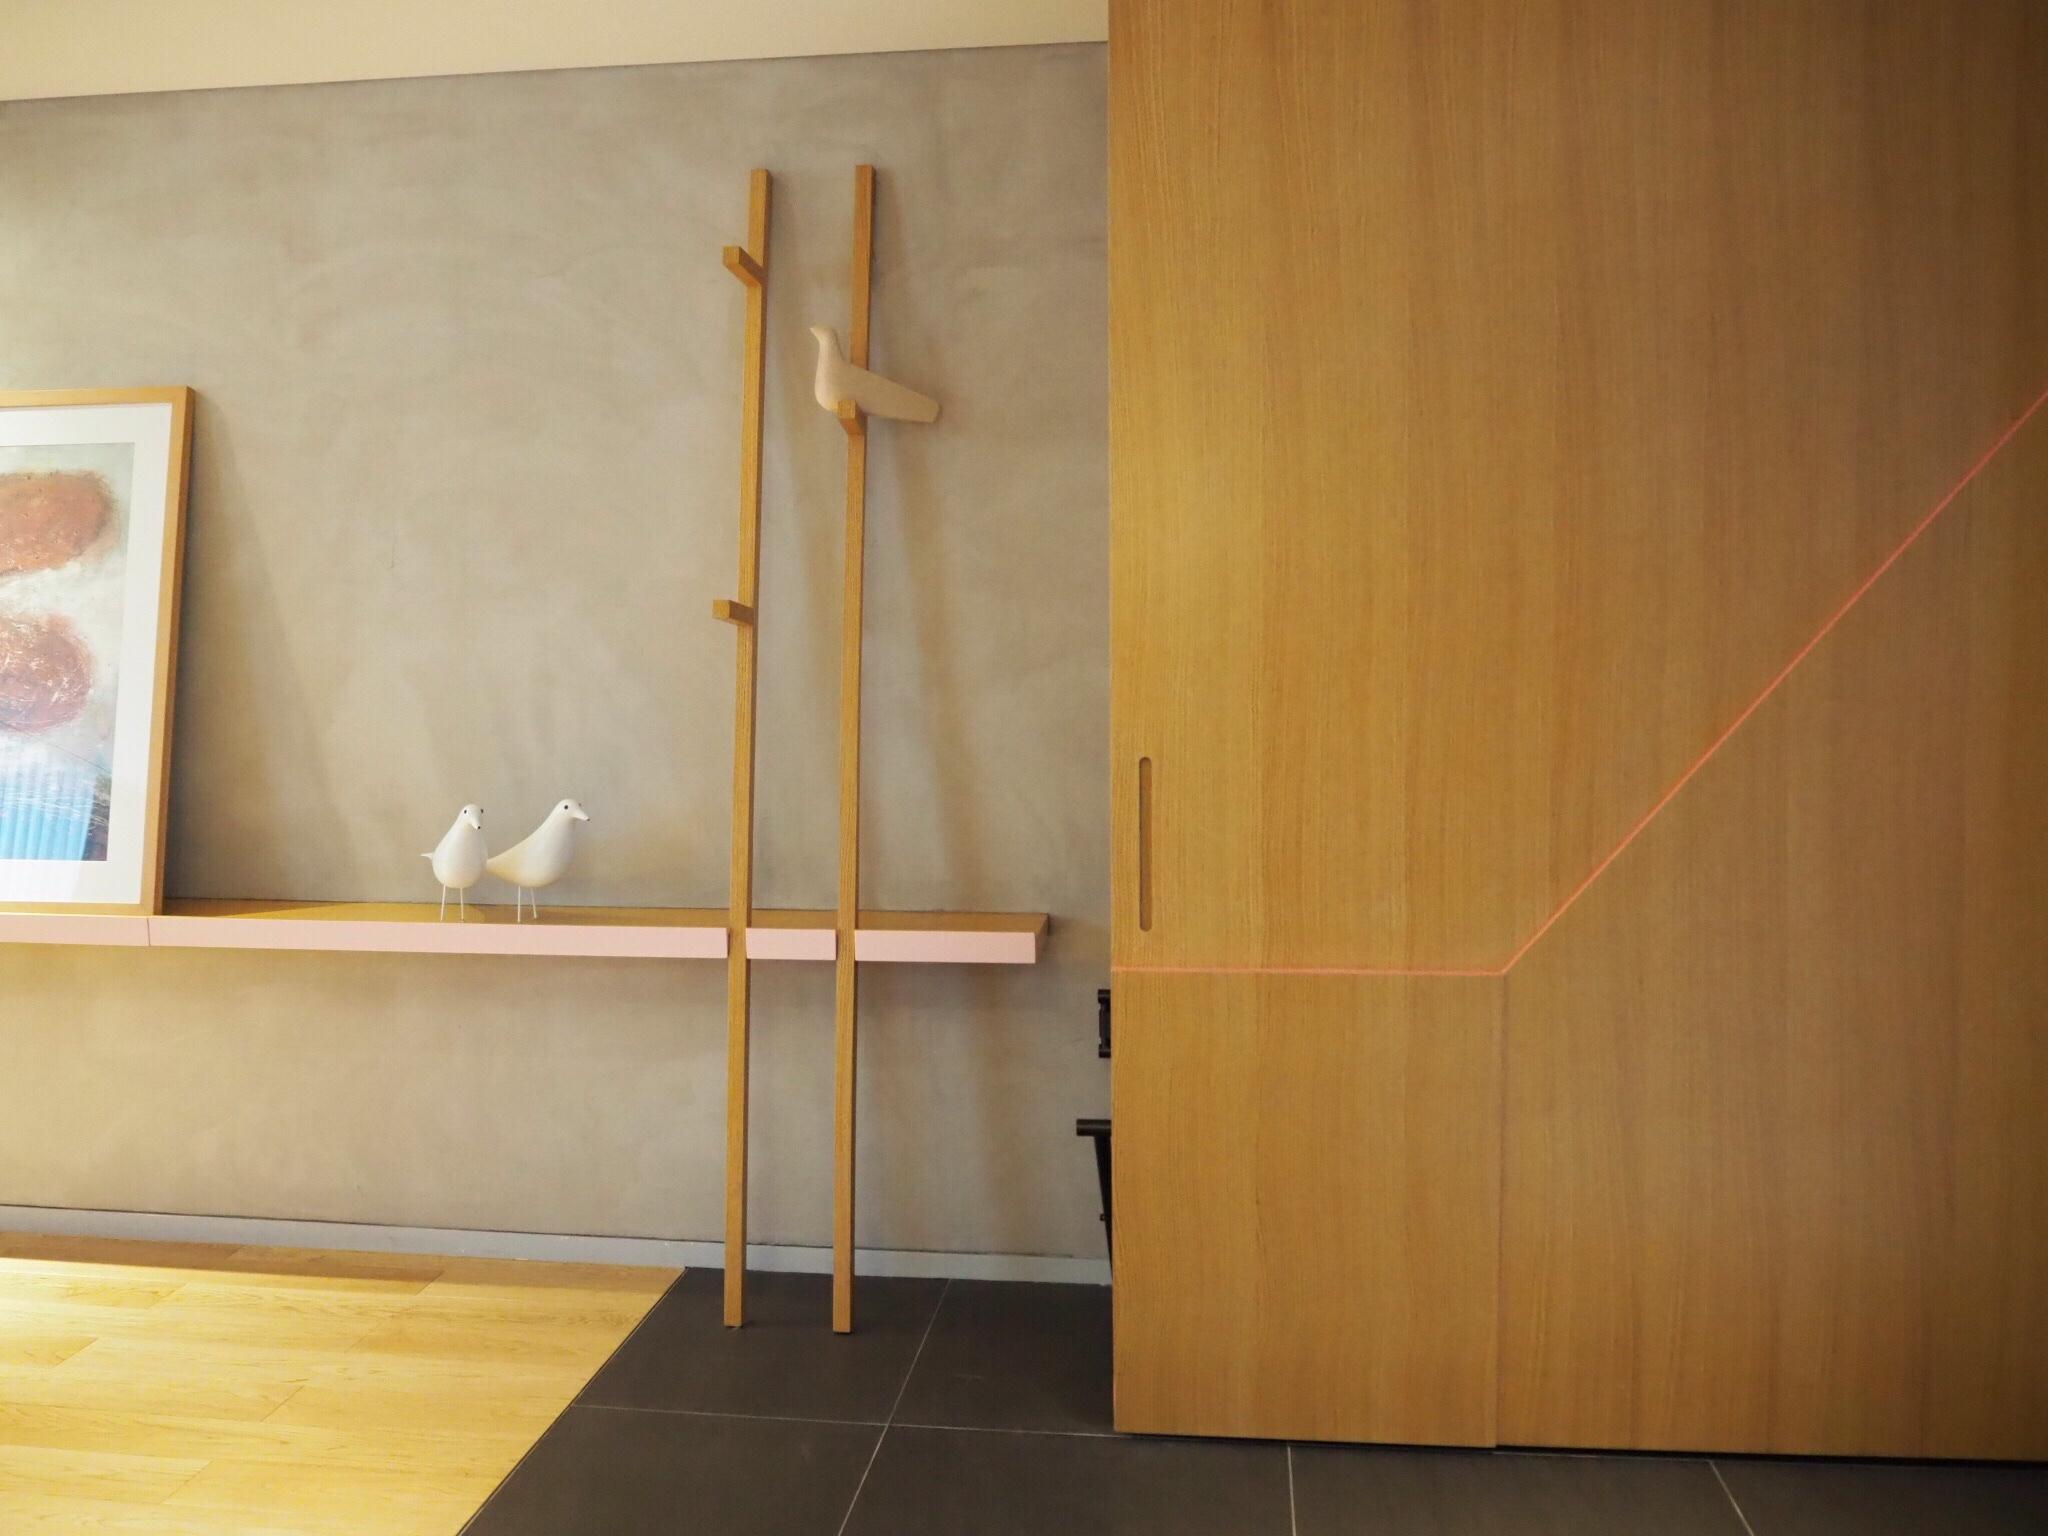 img 8930 - L7 HOTELS - どこを切り取ってもフォトジェニック!韓国ソウルに新しくオープンしたロッテグループのデザイナーズホテル